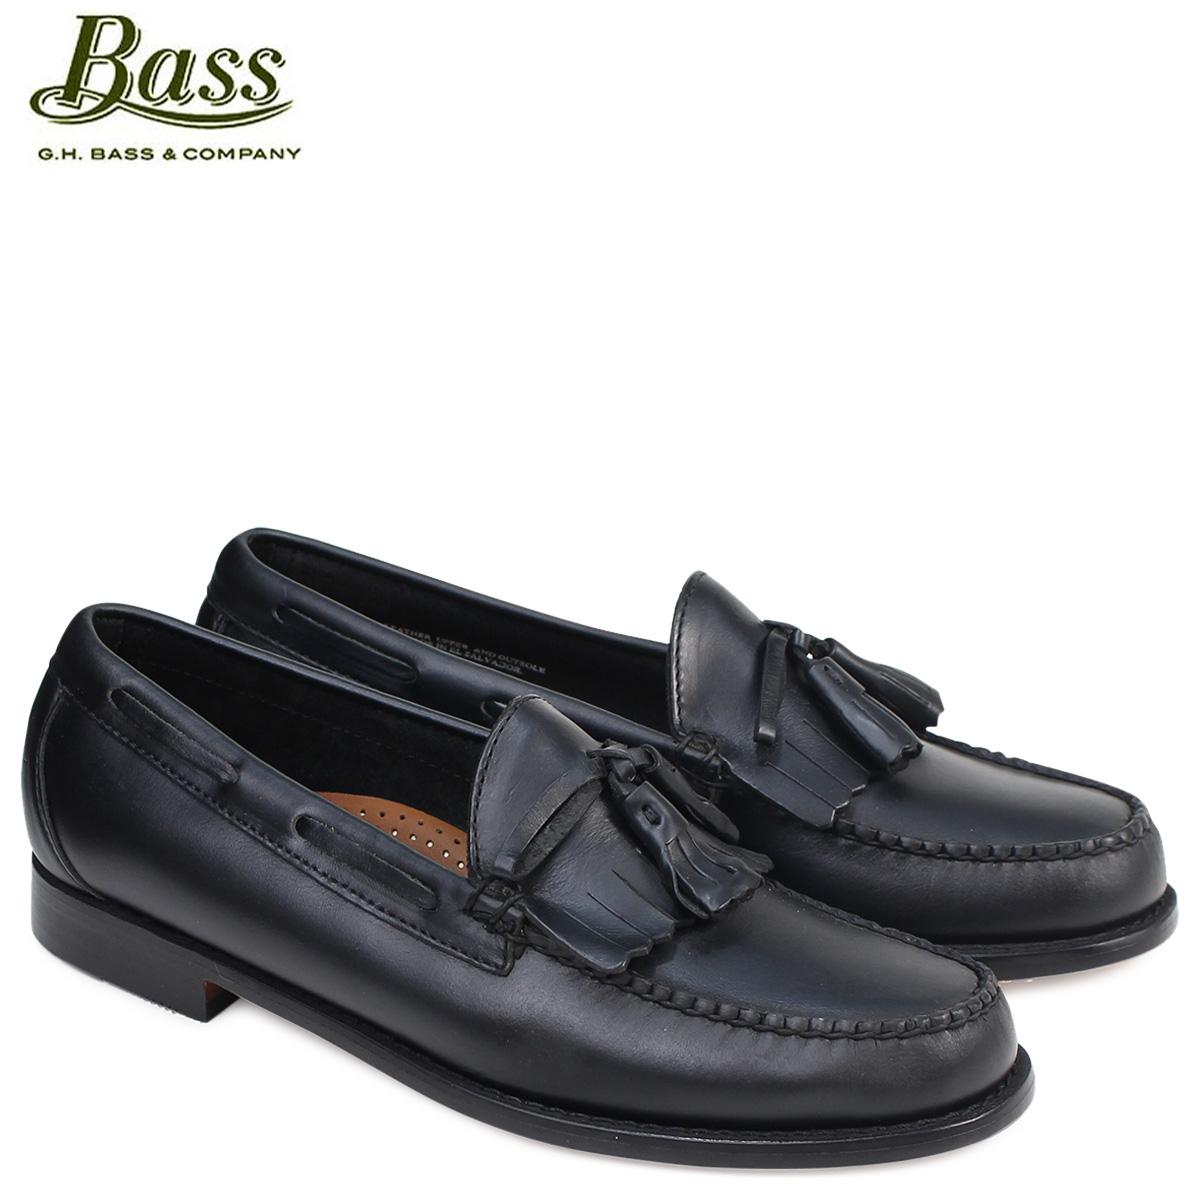 ジーエイチバス ローファー G.H. BASS メンズ ペニー タッセル LAWRENCE KILTIE WEEJUNS 70-80914 靴 ブラック